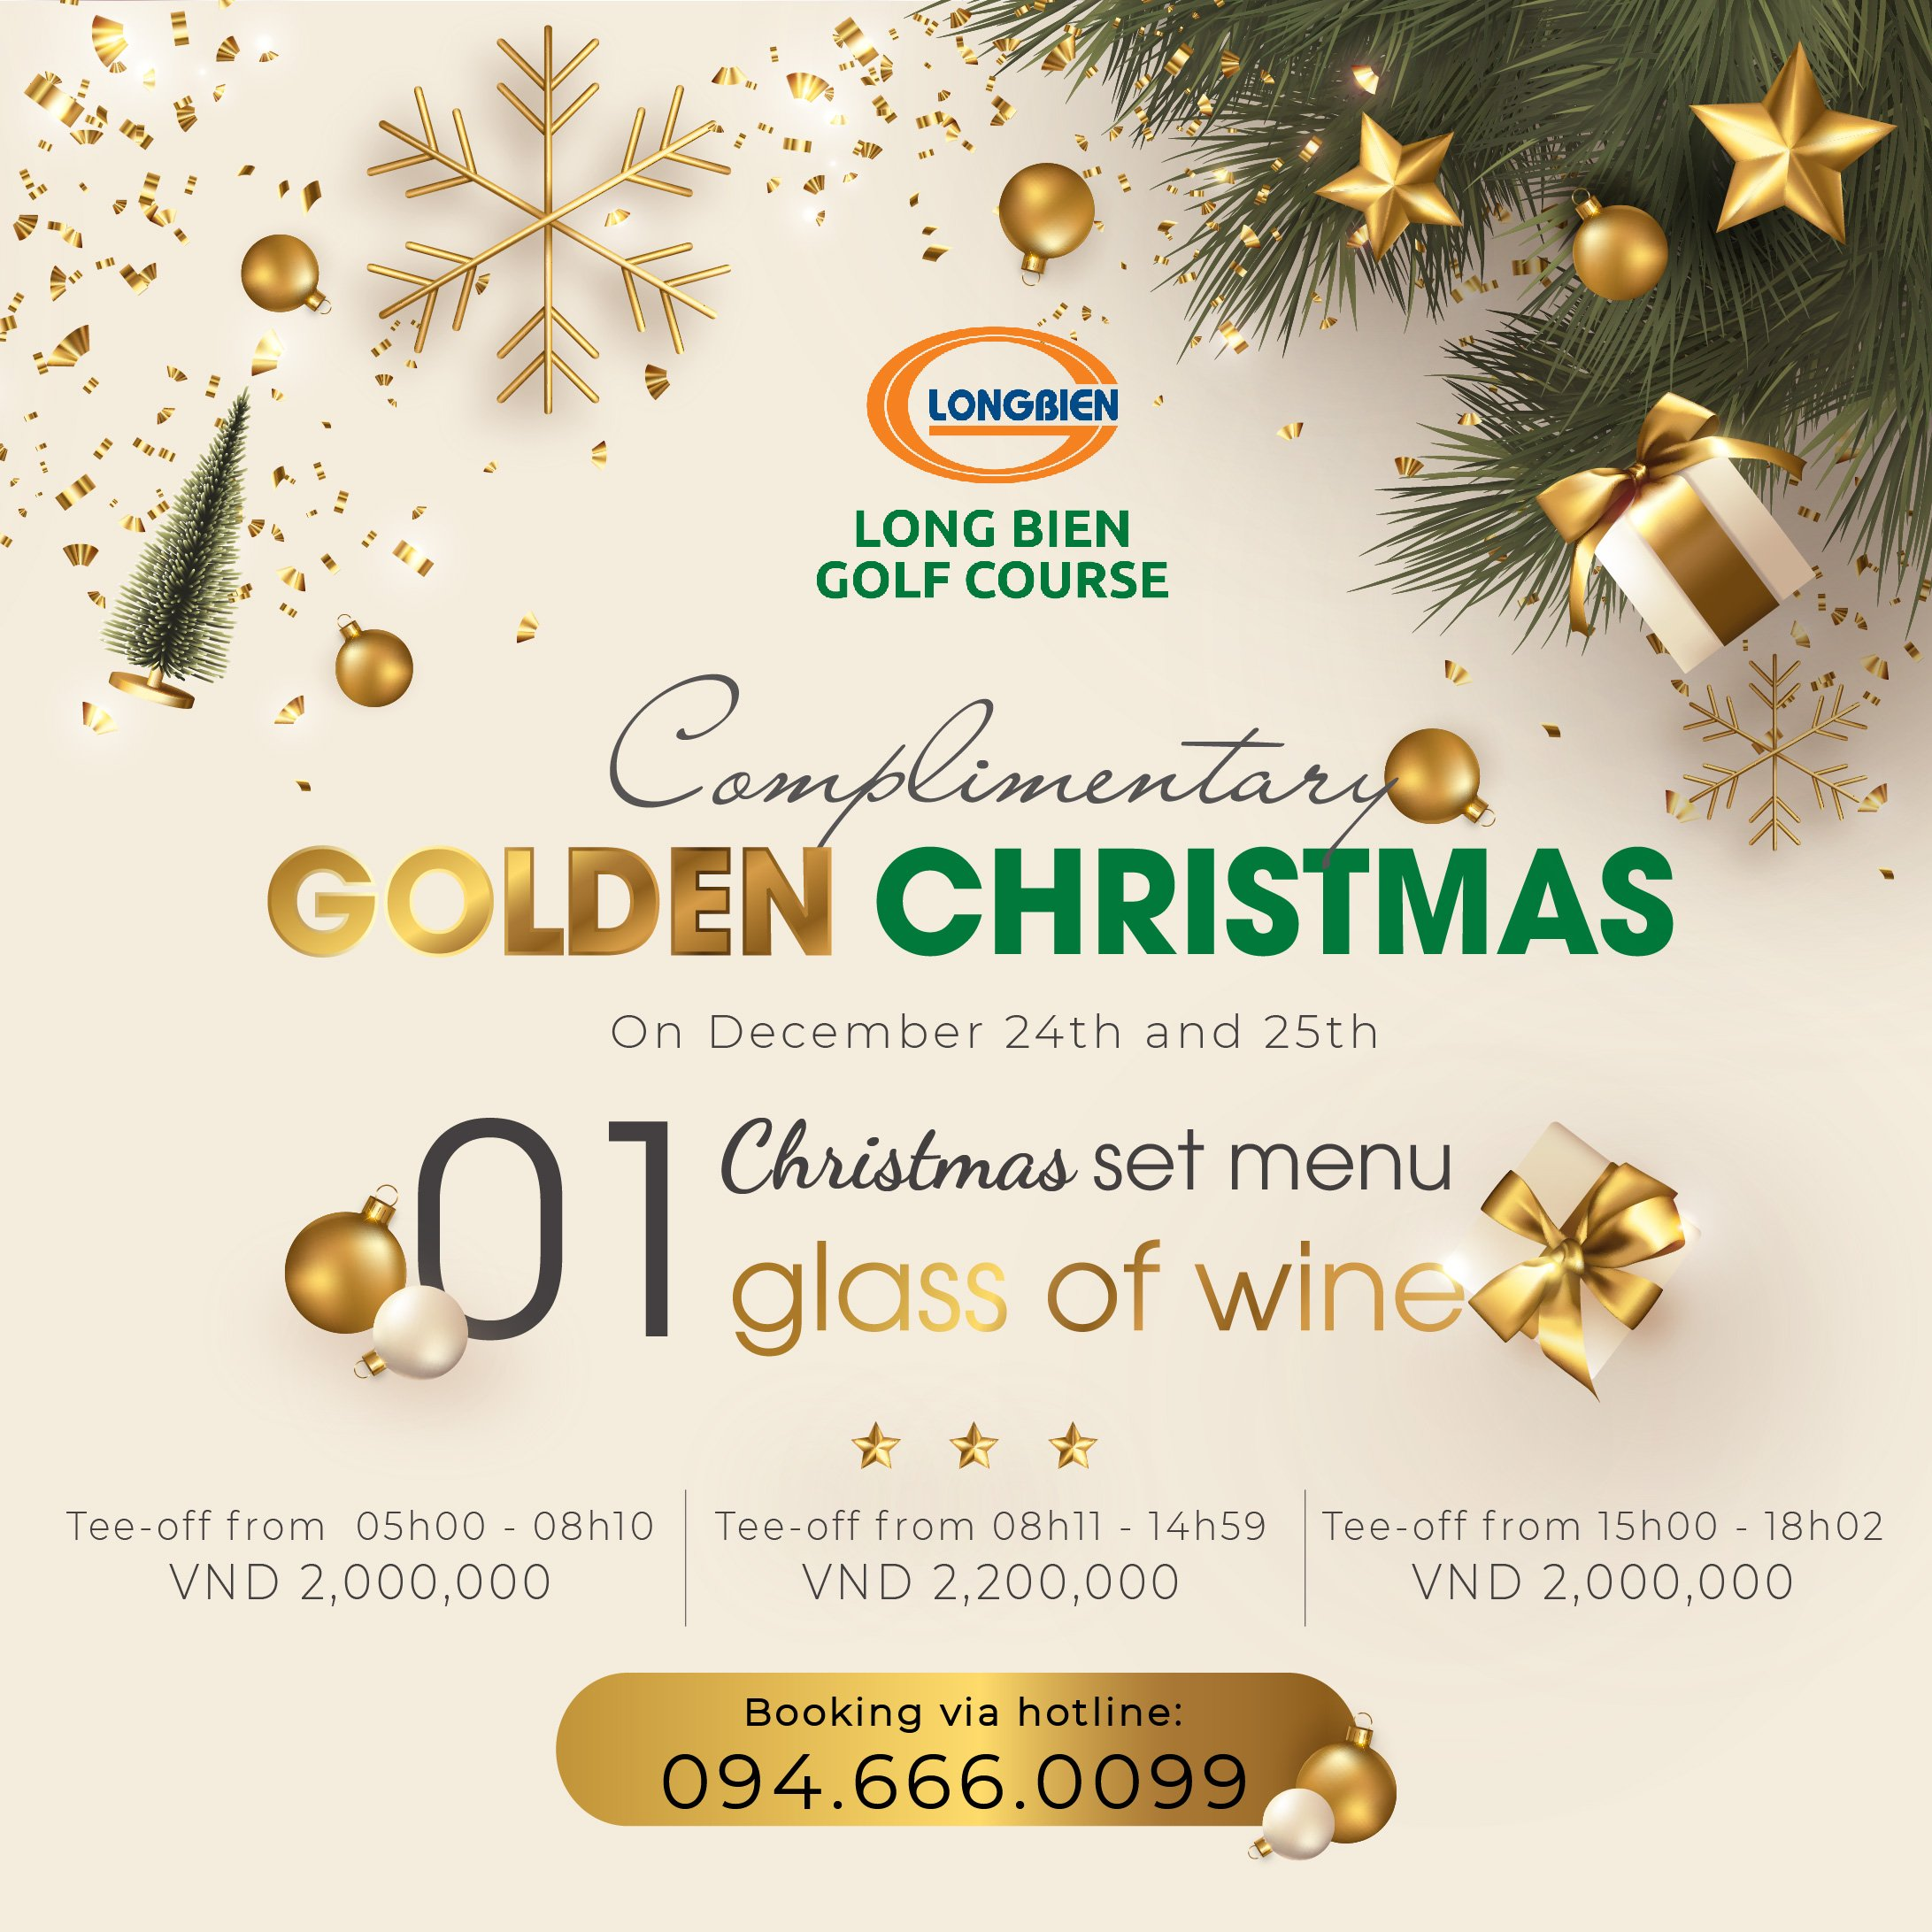 """GIÁNG SINH THÊM LUNG LINH VỚI CHƯƠNG TRÌNH ƯU ĐÃI """"GOLDEN CHRISTMAS"""""""